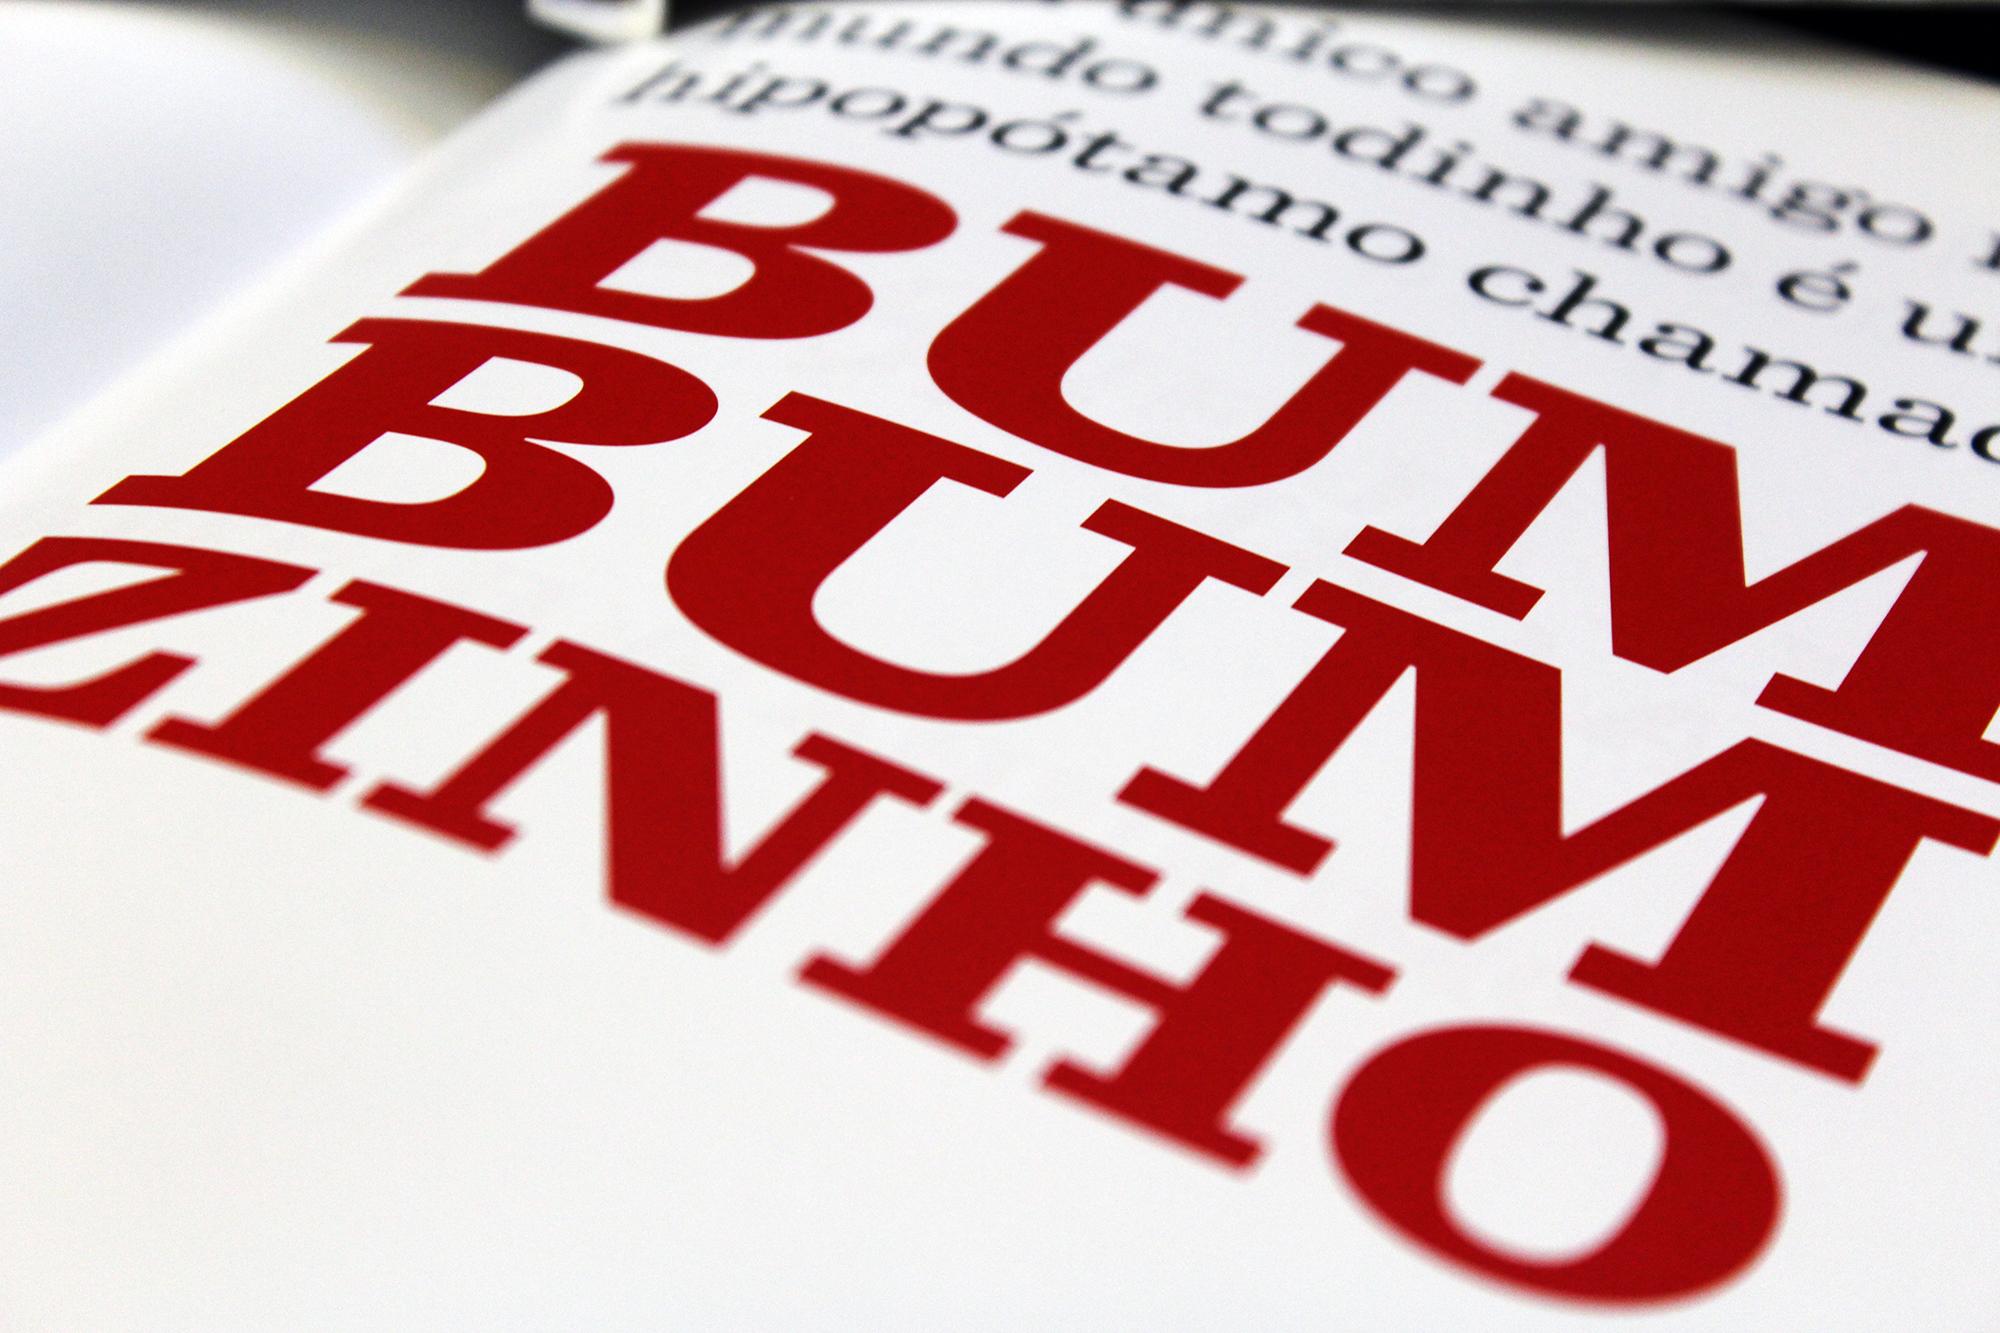 foto_interna_o_livro-sem-figuras_2